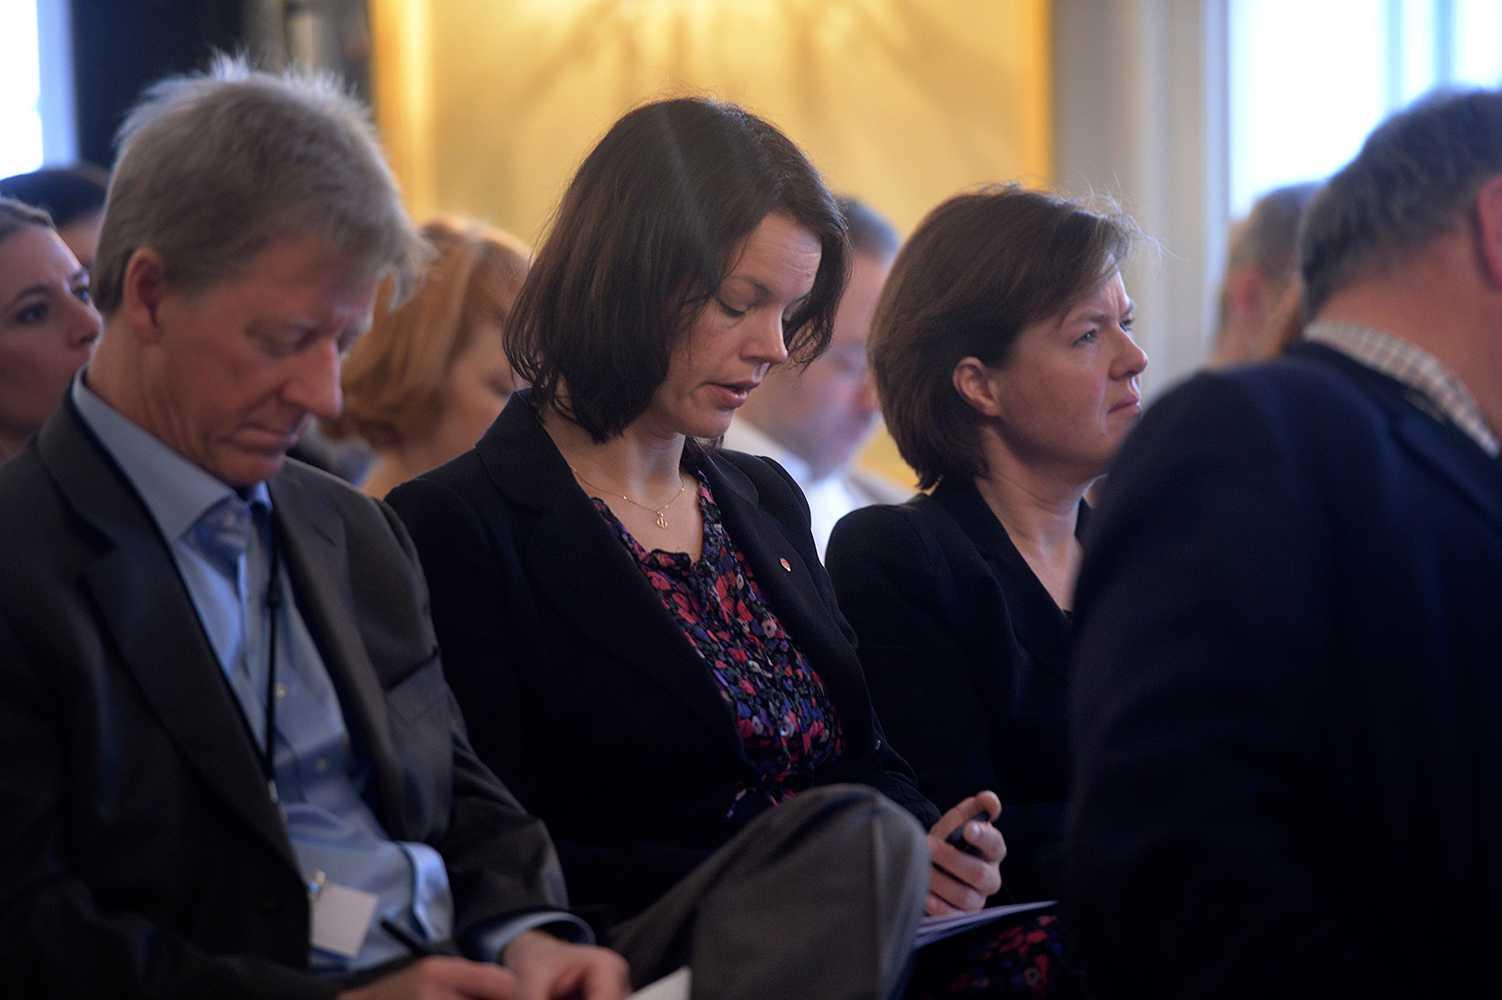 Veronica Palm, ordförande för socialdemokraterna i Stockholm som nominerade Omar Mustafa till partistyrelsen, och Carin Jämtin, partisekreterare.